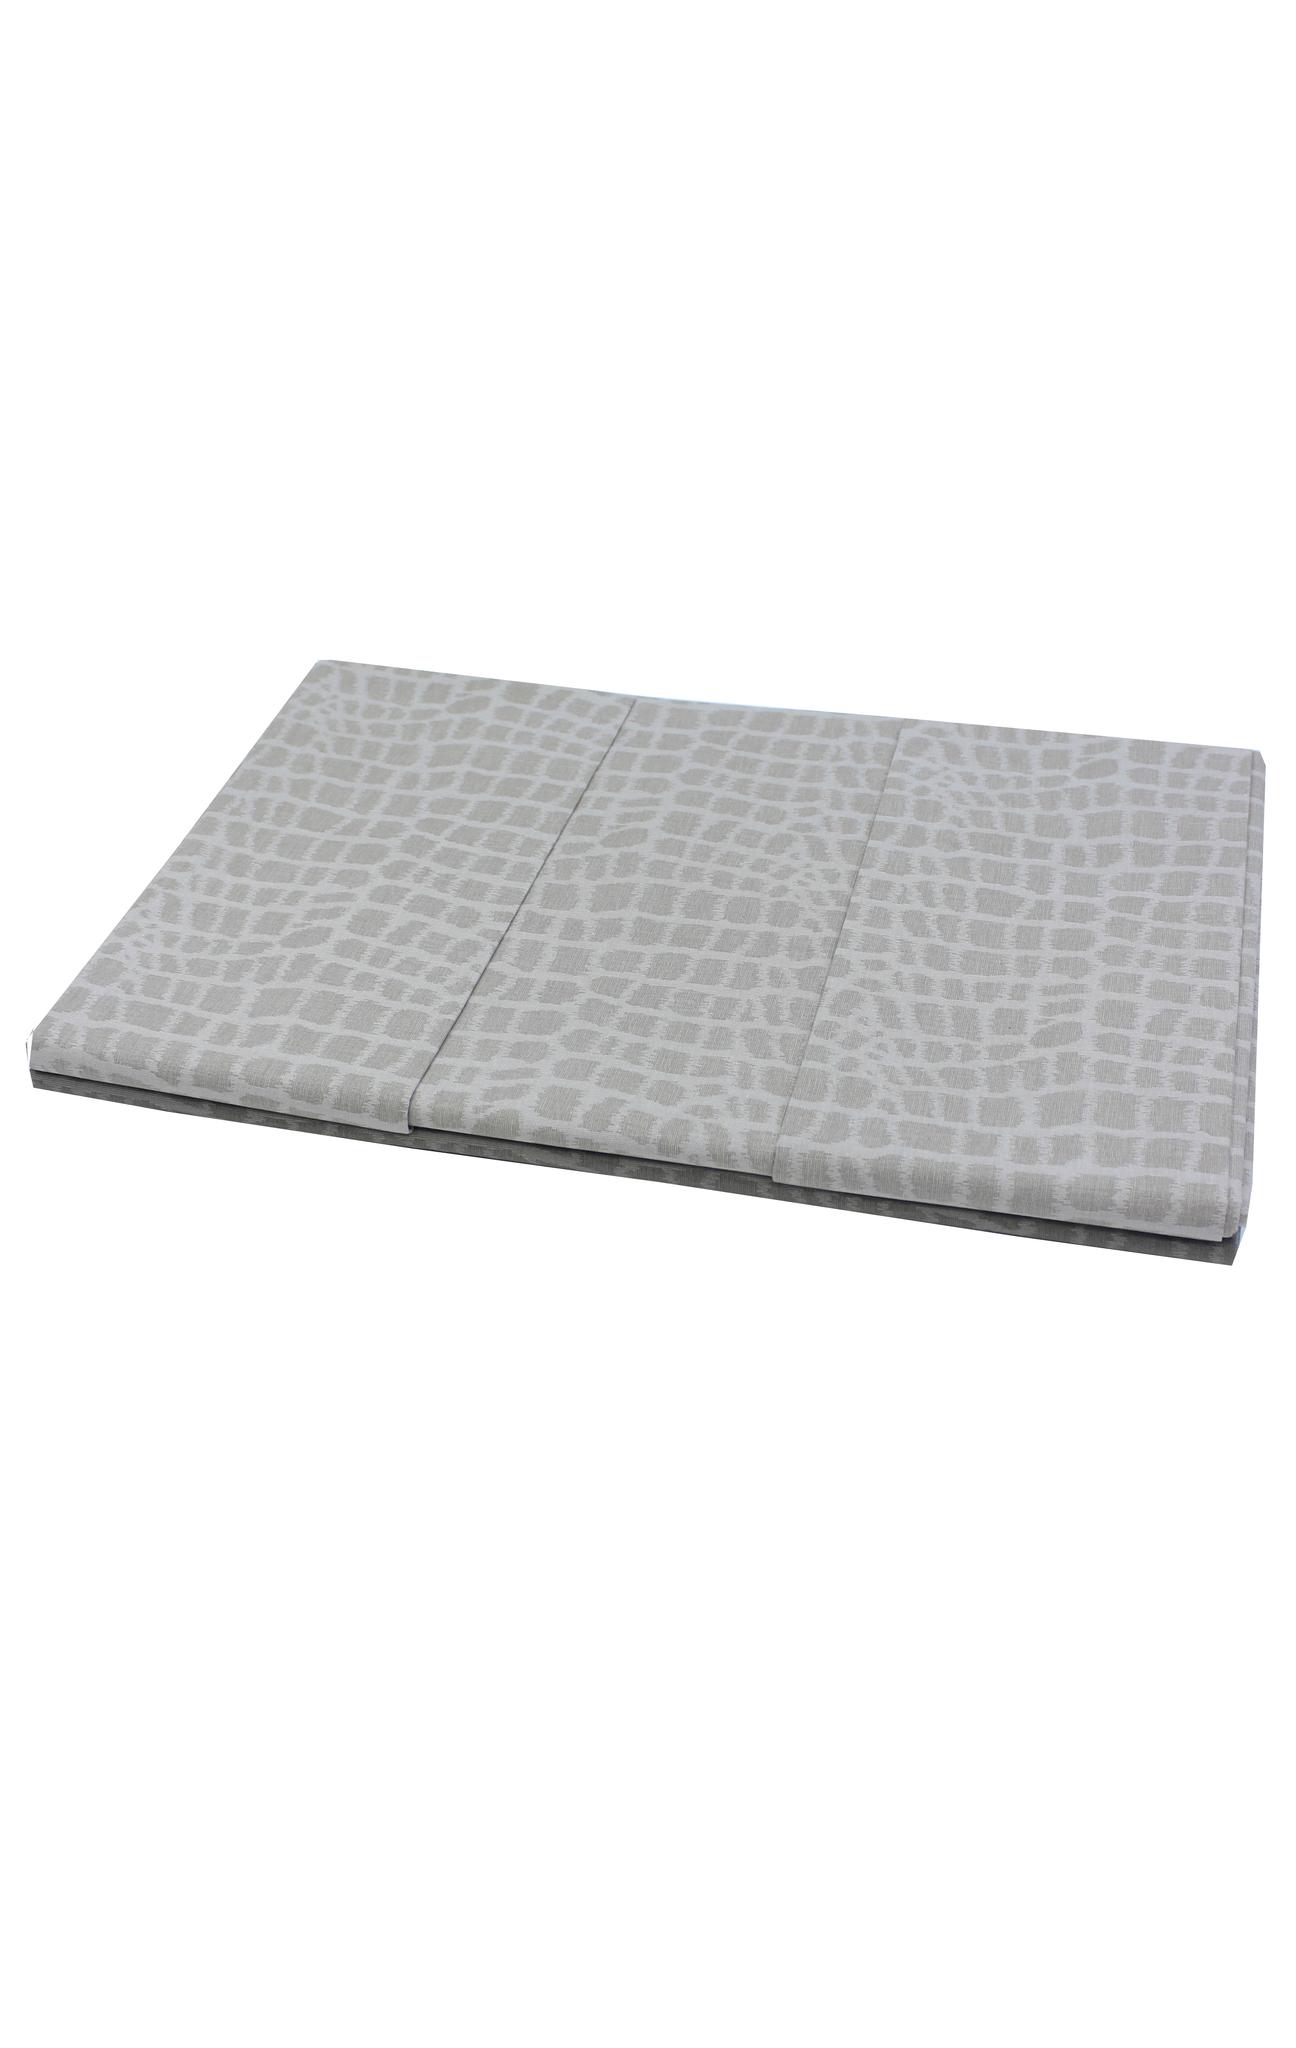 Комплекты Постельное белье 1.5 спальное Caleffi Сocco komplekt-postelnogo-belya-Caleffi-Сocco.JPG